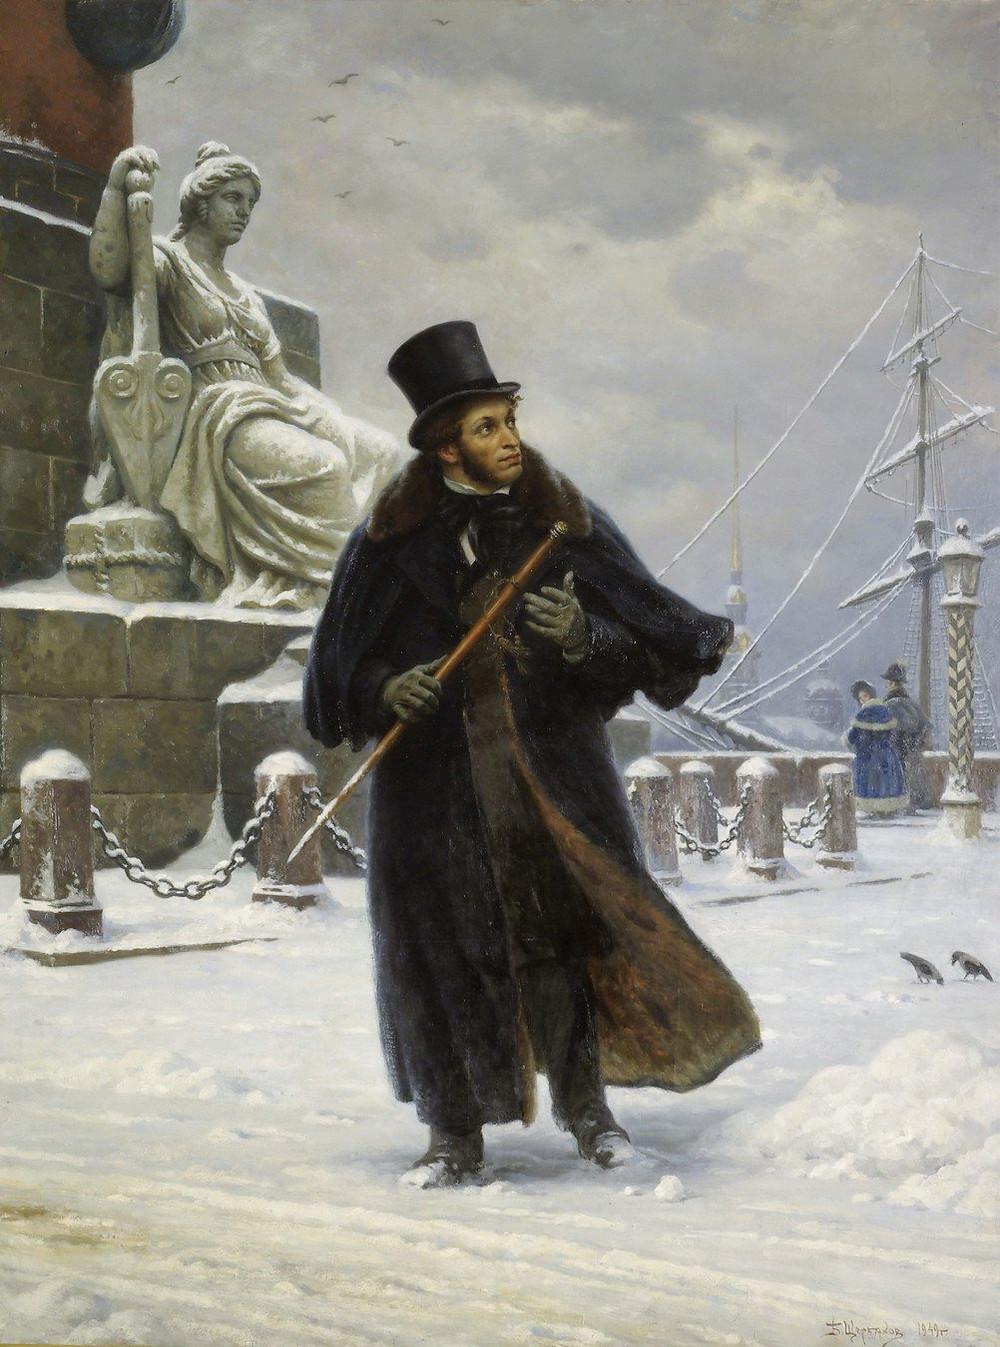 Щербаков Б. В. «Пушкин в Петербурге», 1949